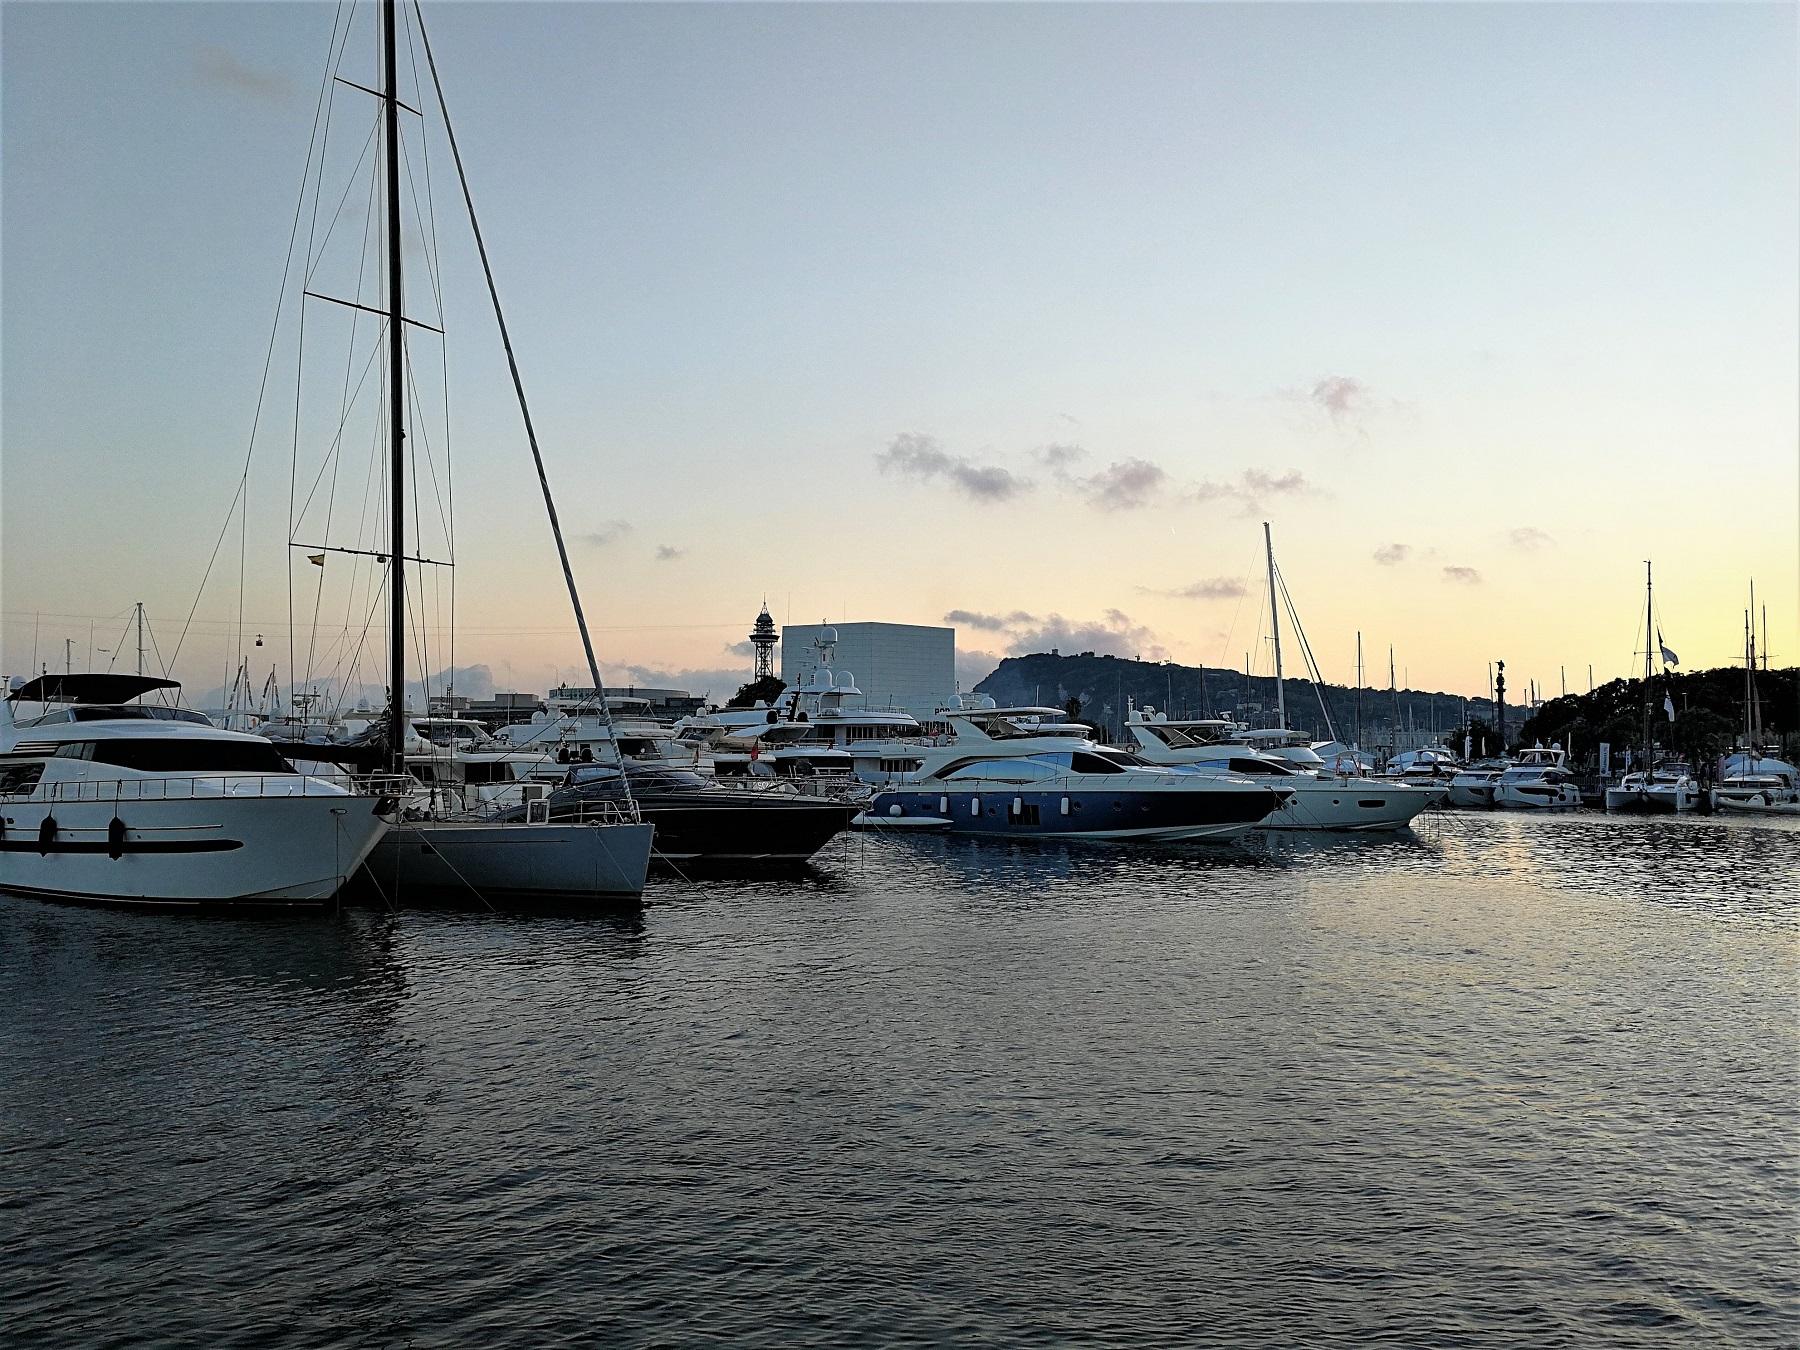 La demanda de embarcaciones de recreo sigue al alza  ante la proximidad del verano